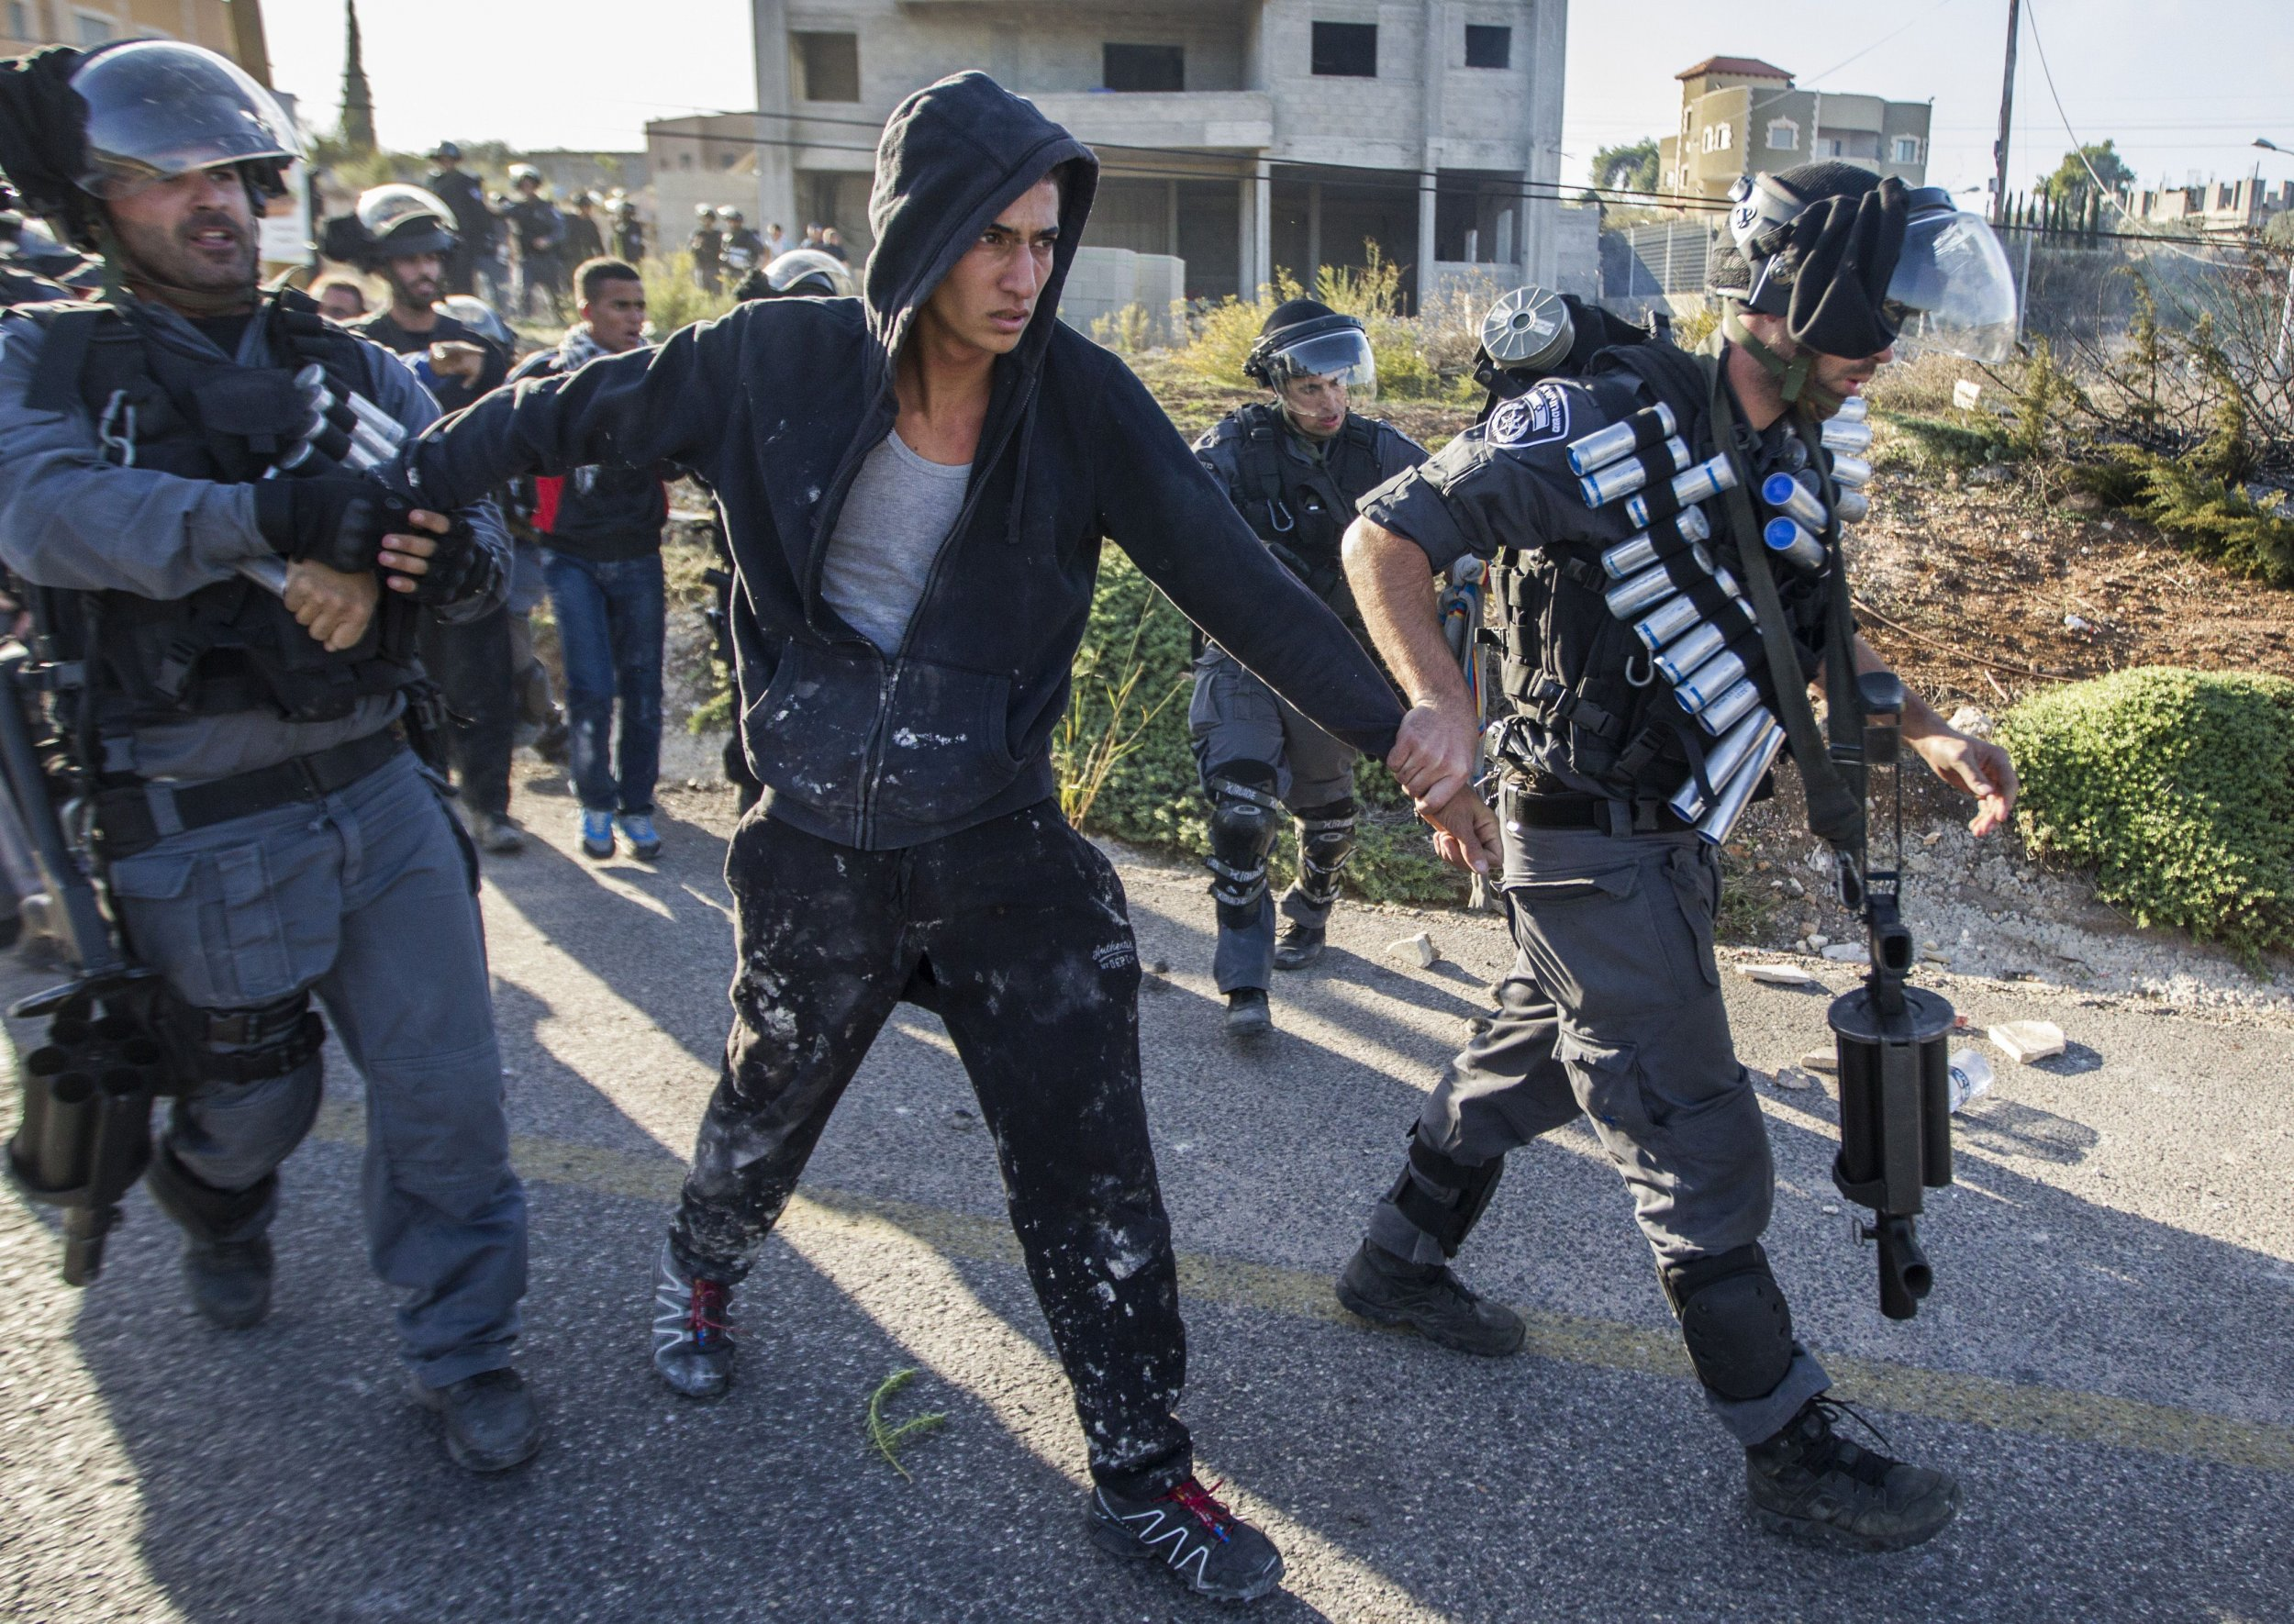 Israeli police detain an Arab-Israeli youth in Kafr Kanna, Israel.